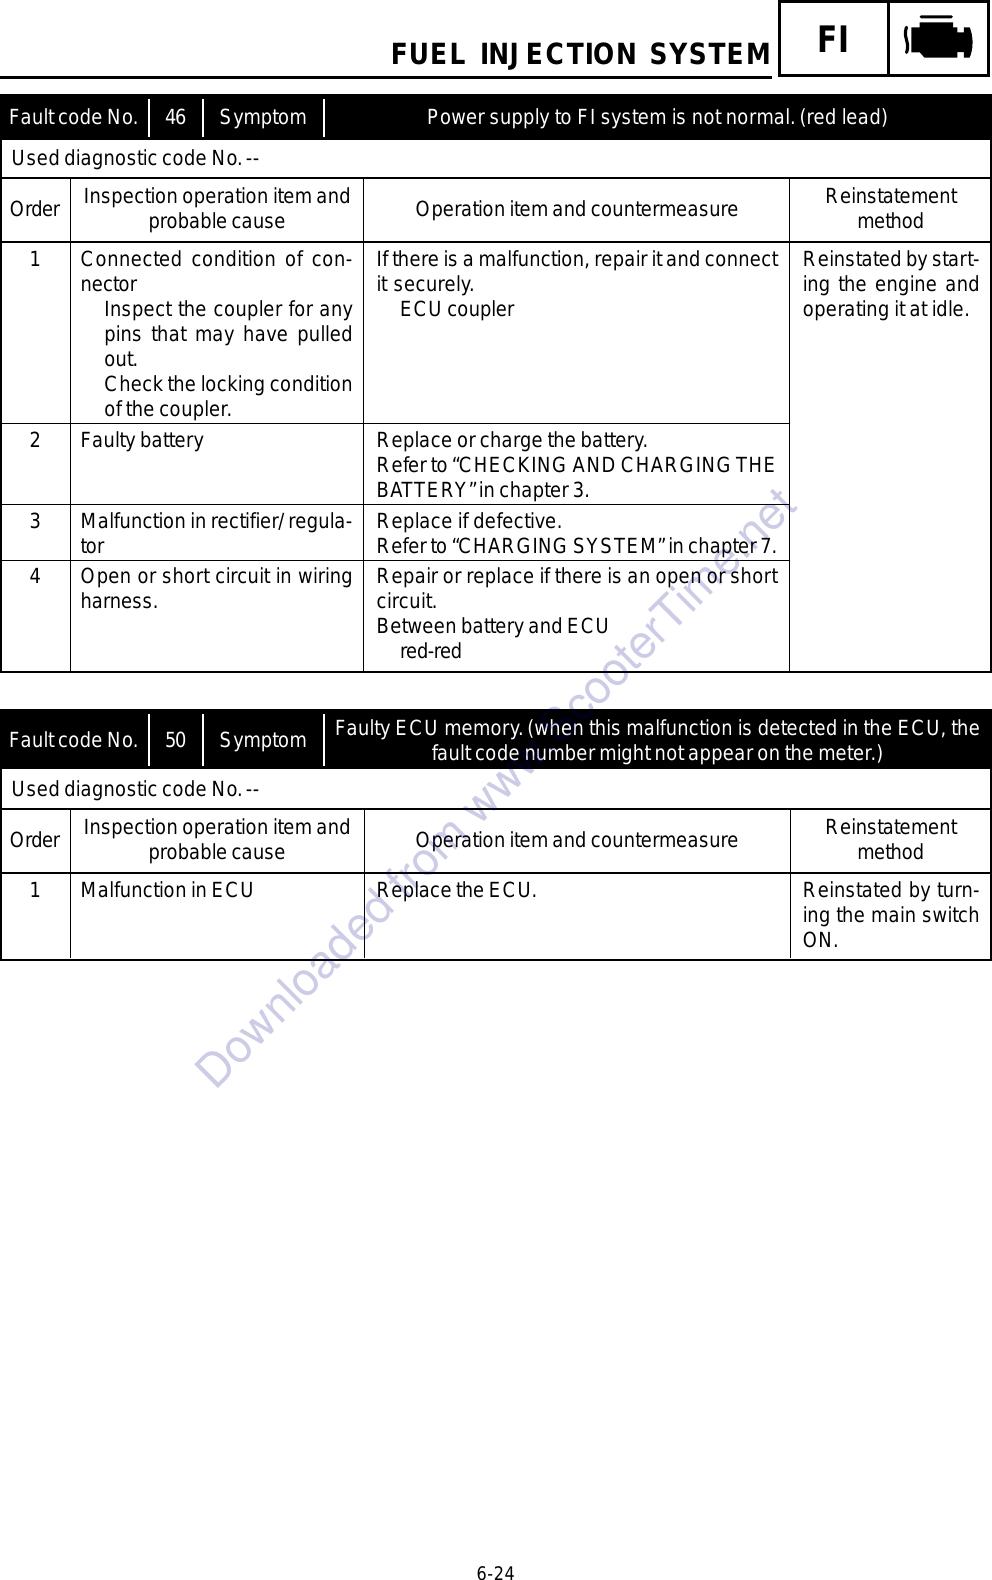 Yamaha Utility Trailer Yw125Y Users Manual